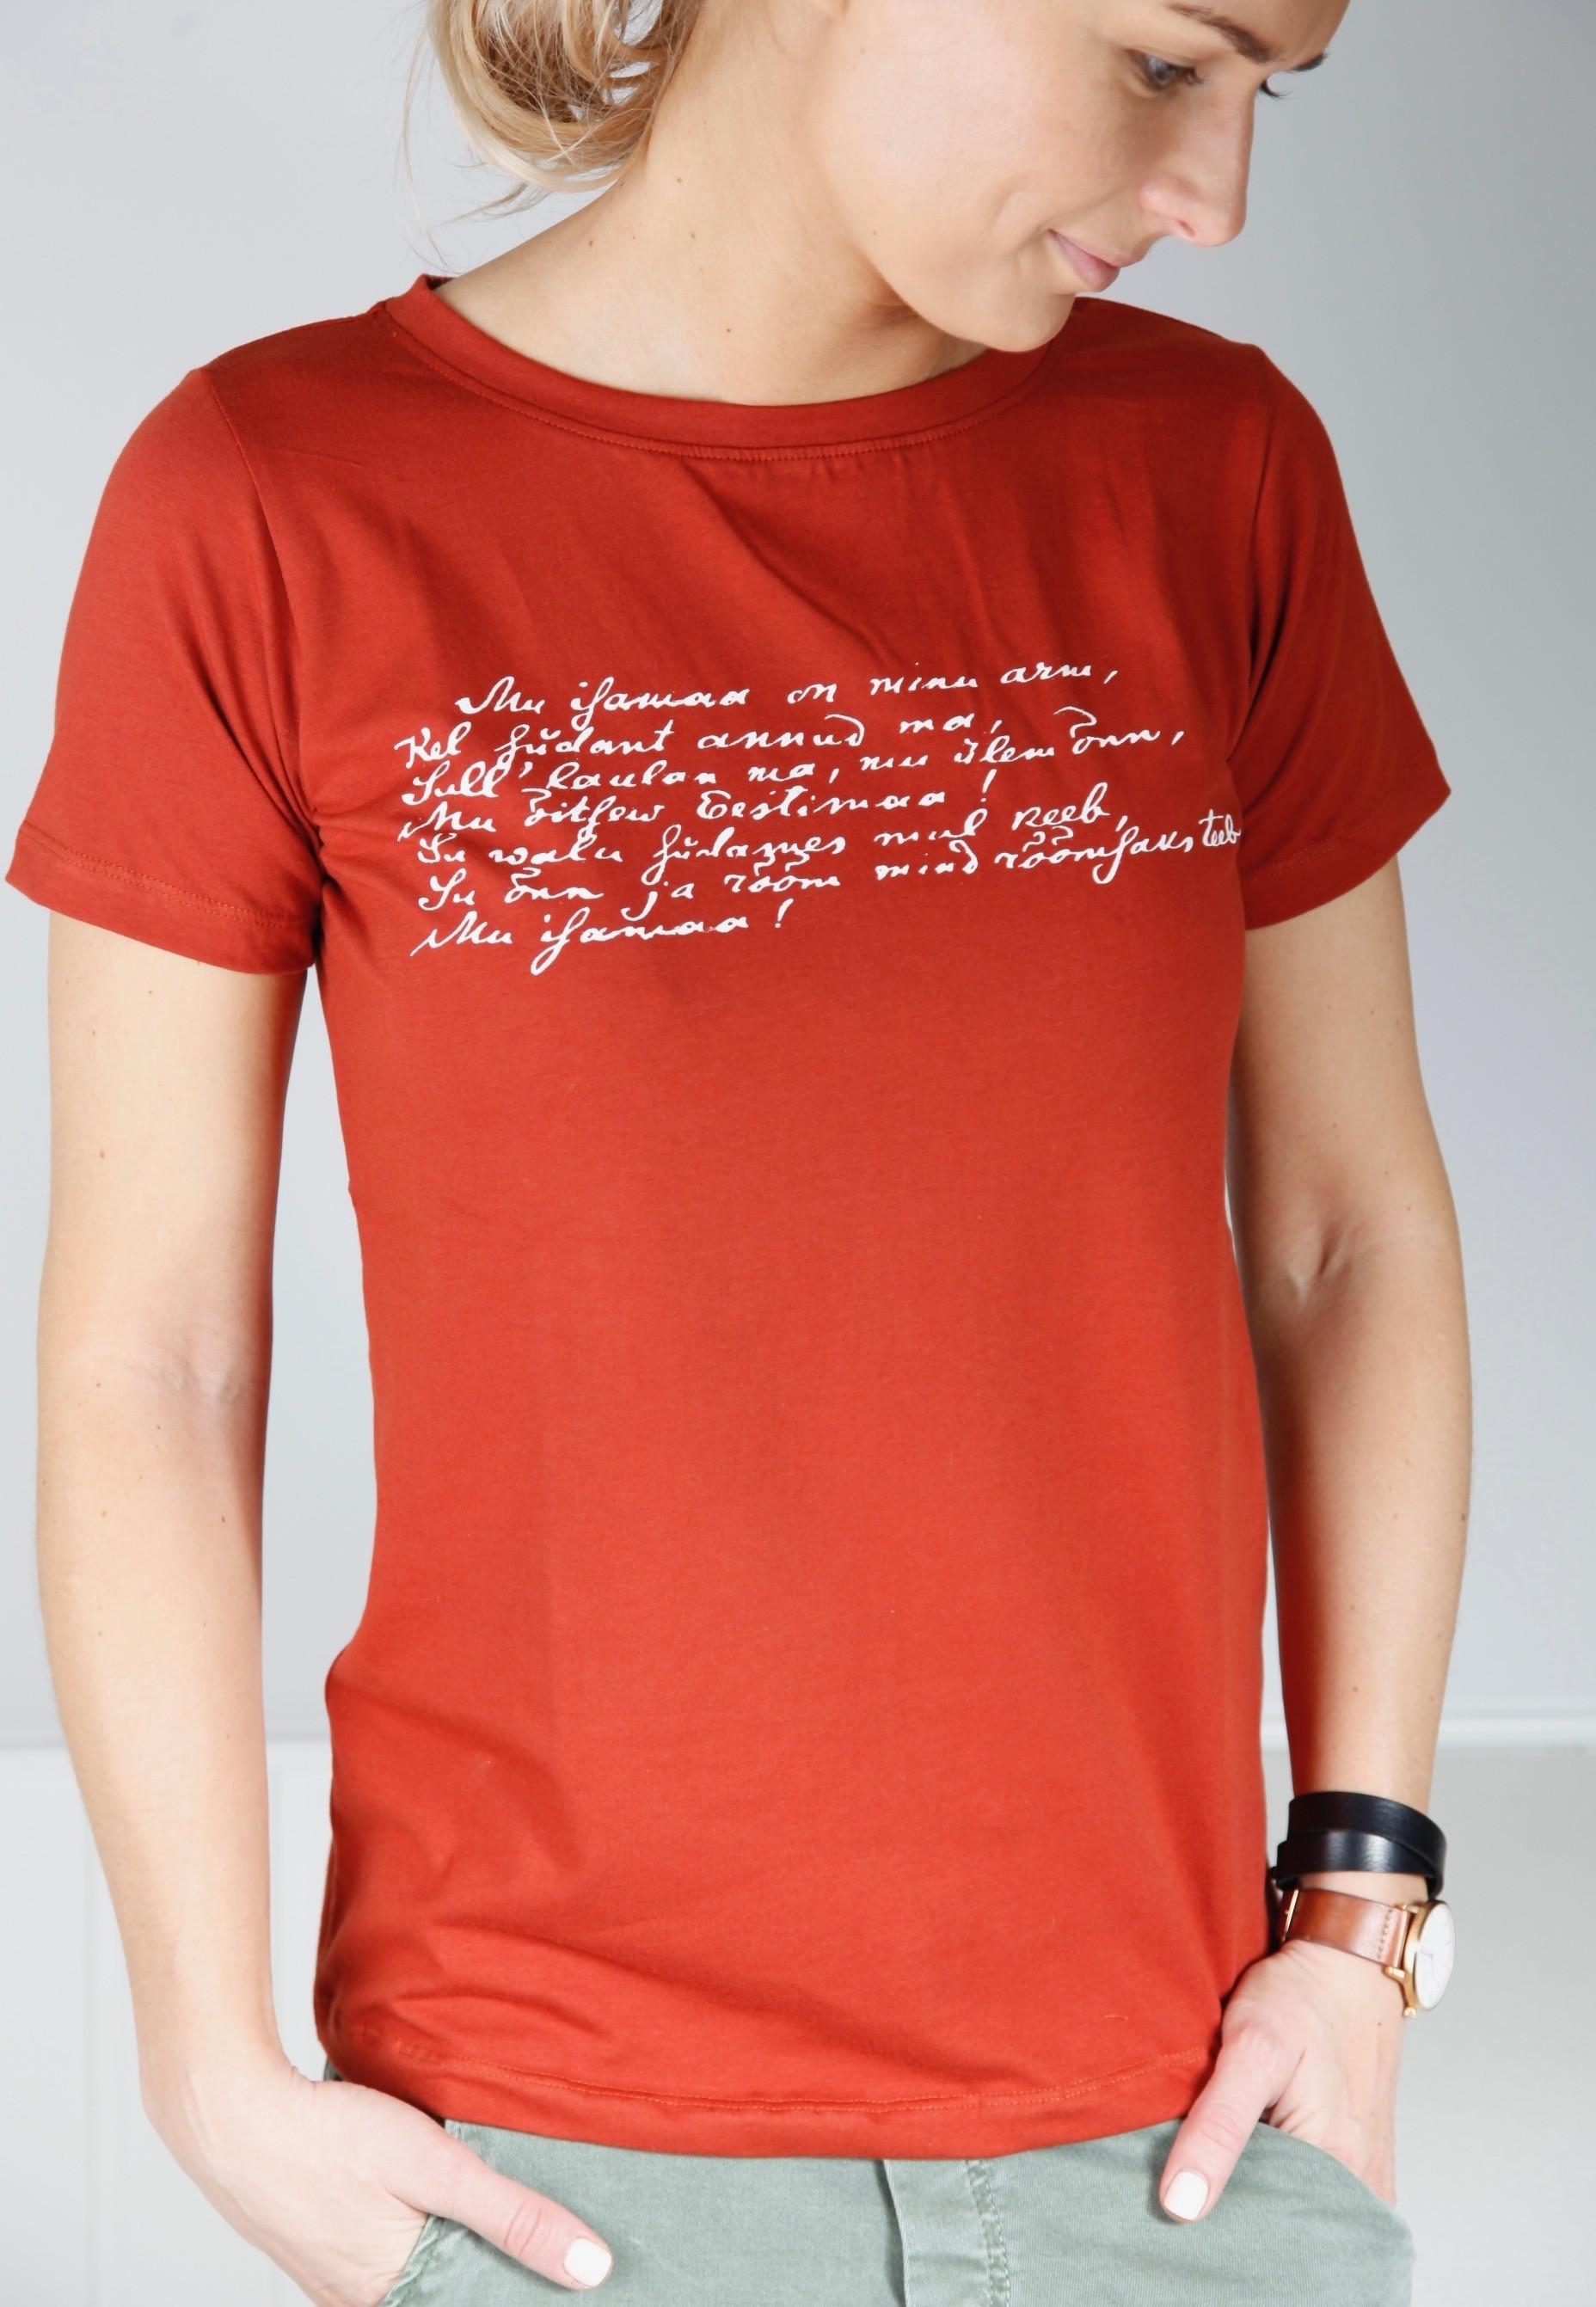 Женская футболка MINU ARM (моя любовь), цвет: коричневый